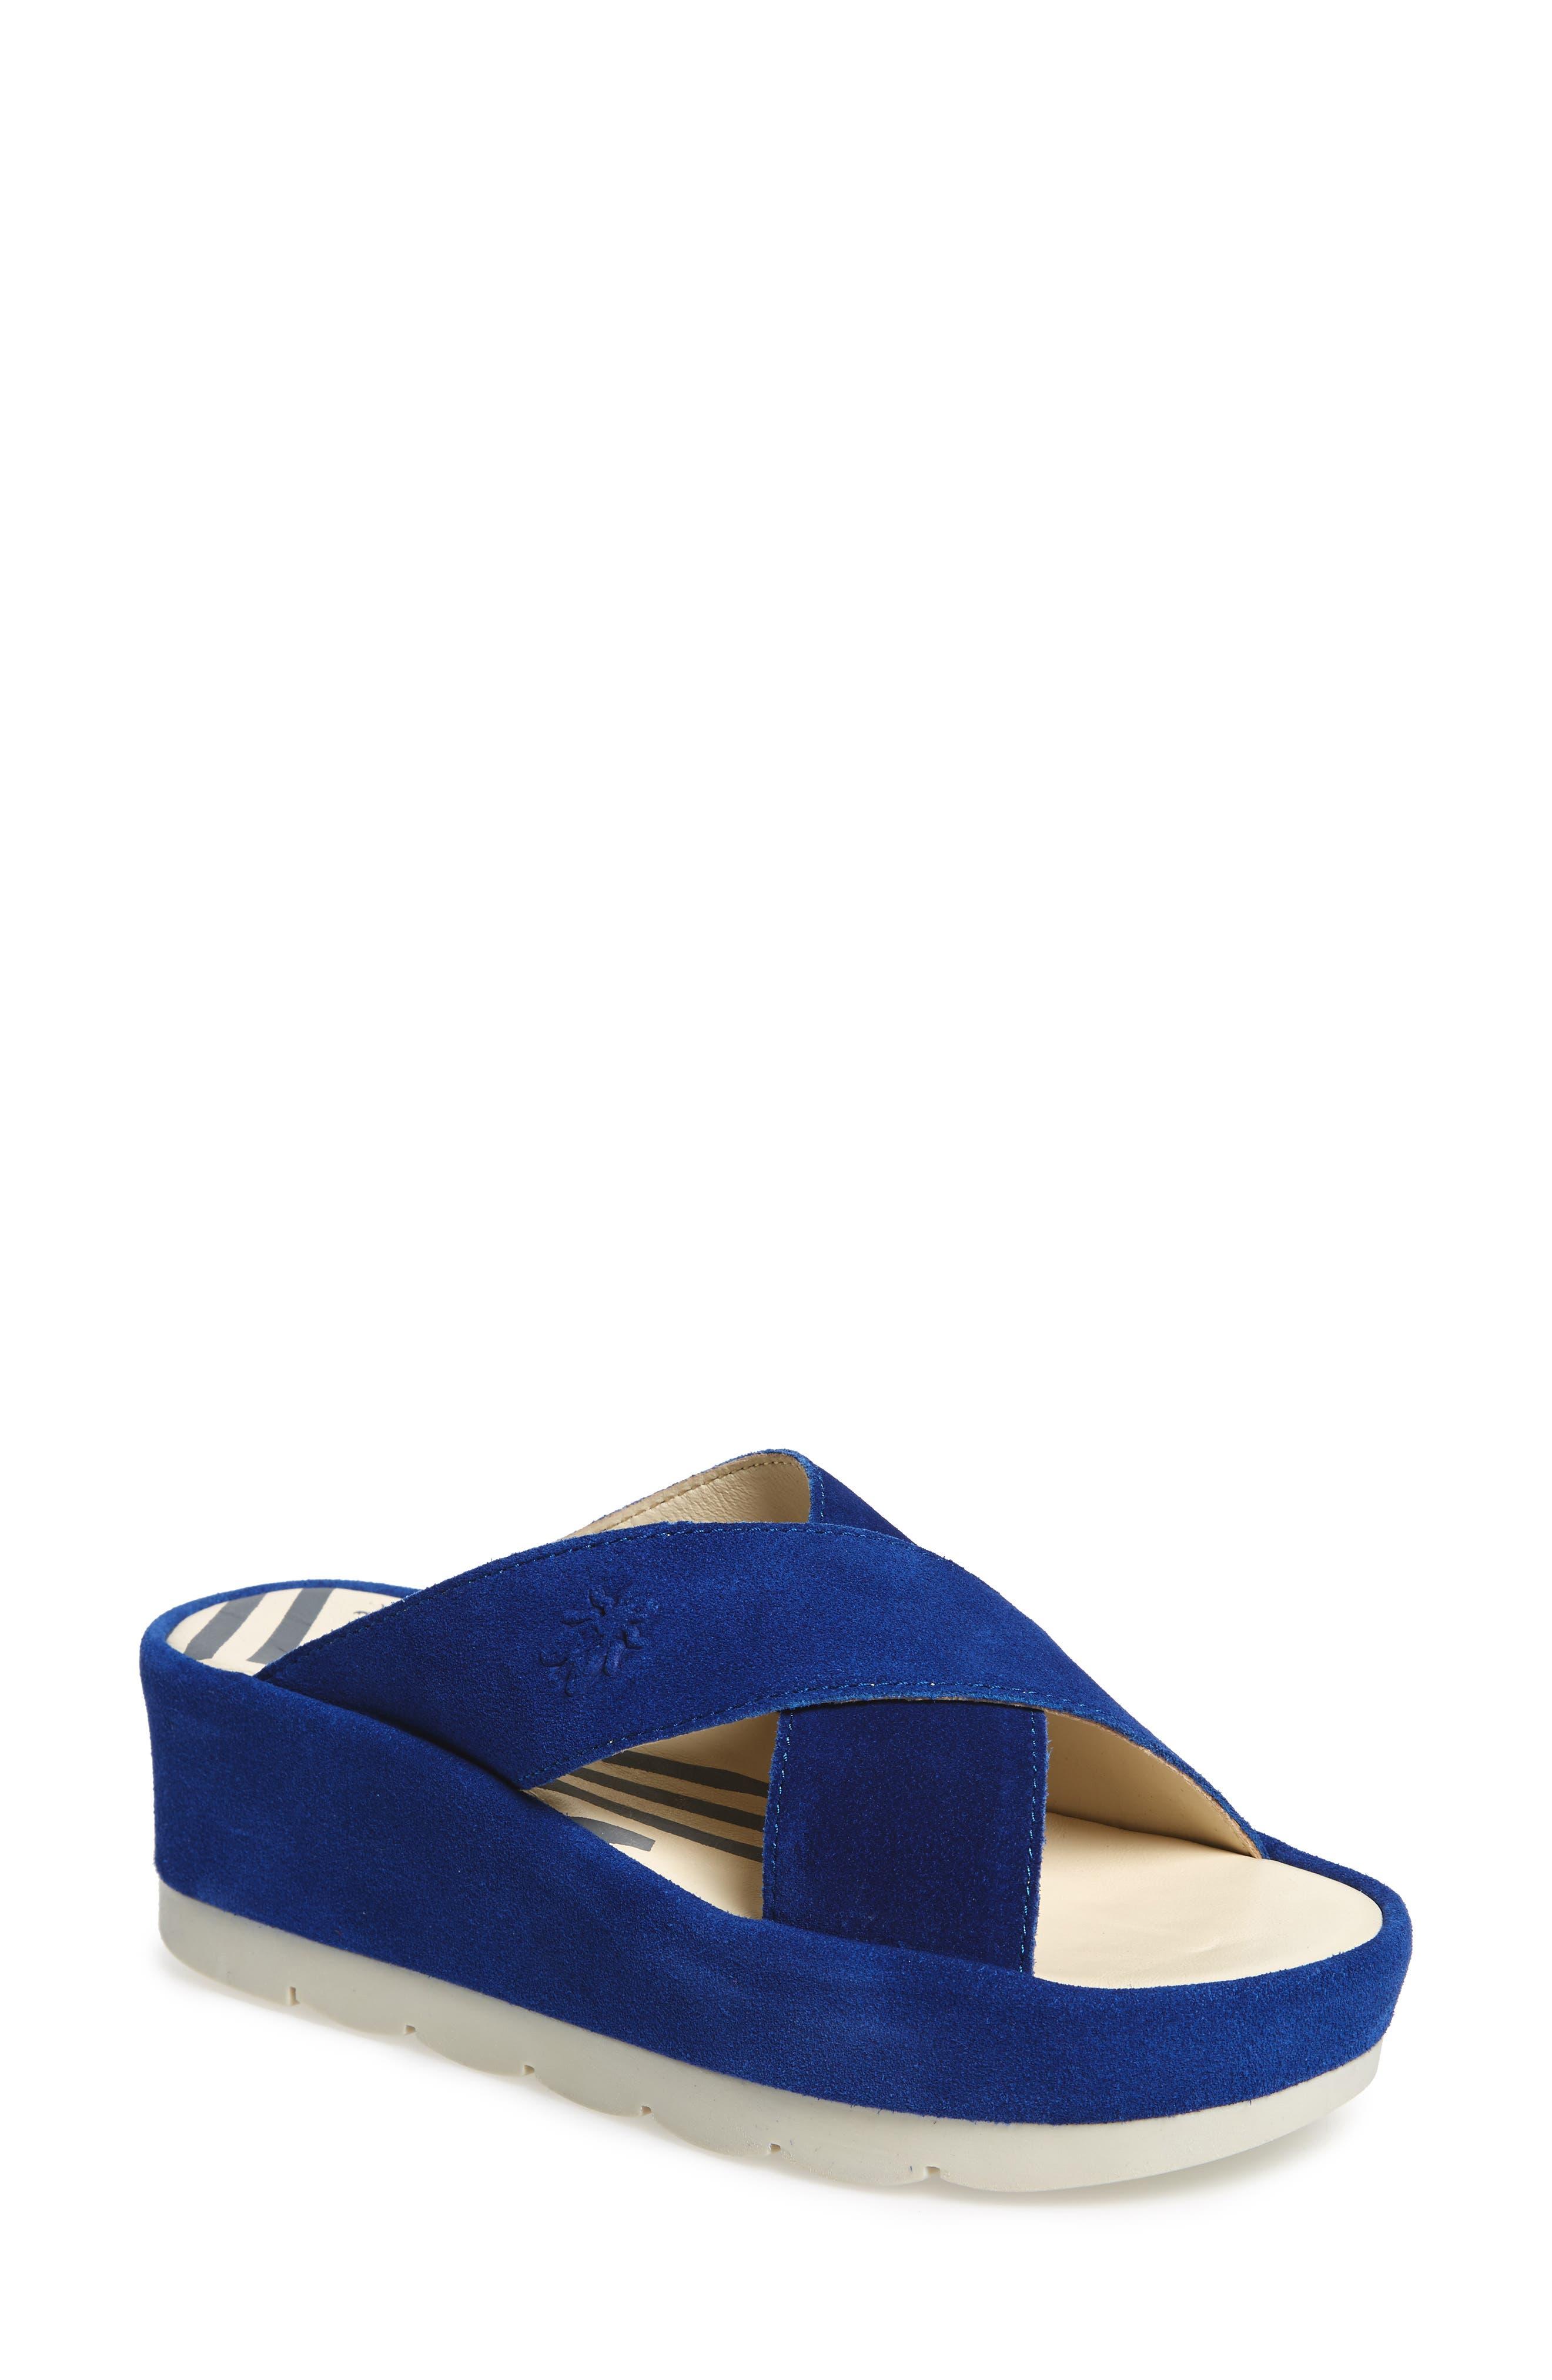 Begs Platform Slide Sandal,                         Main,                         color, BLUE SUEDE